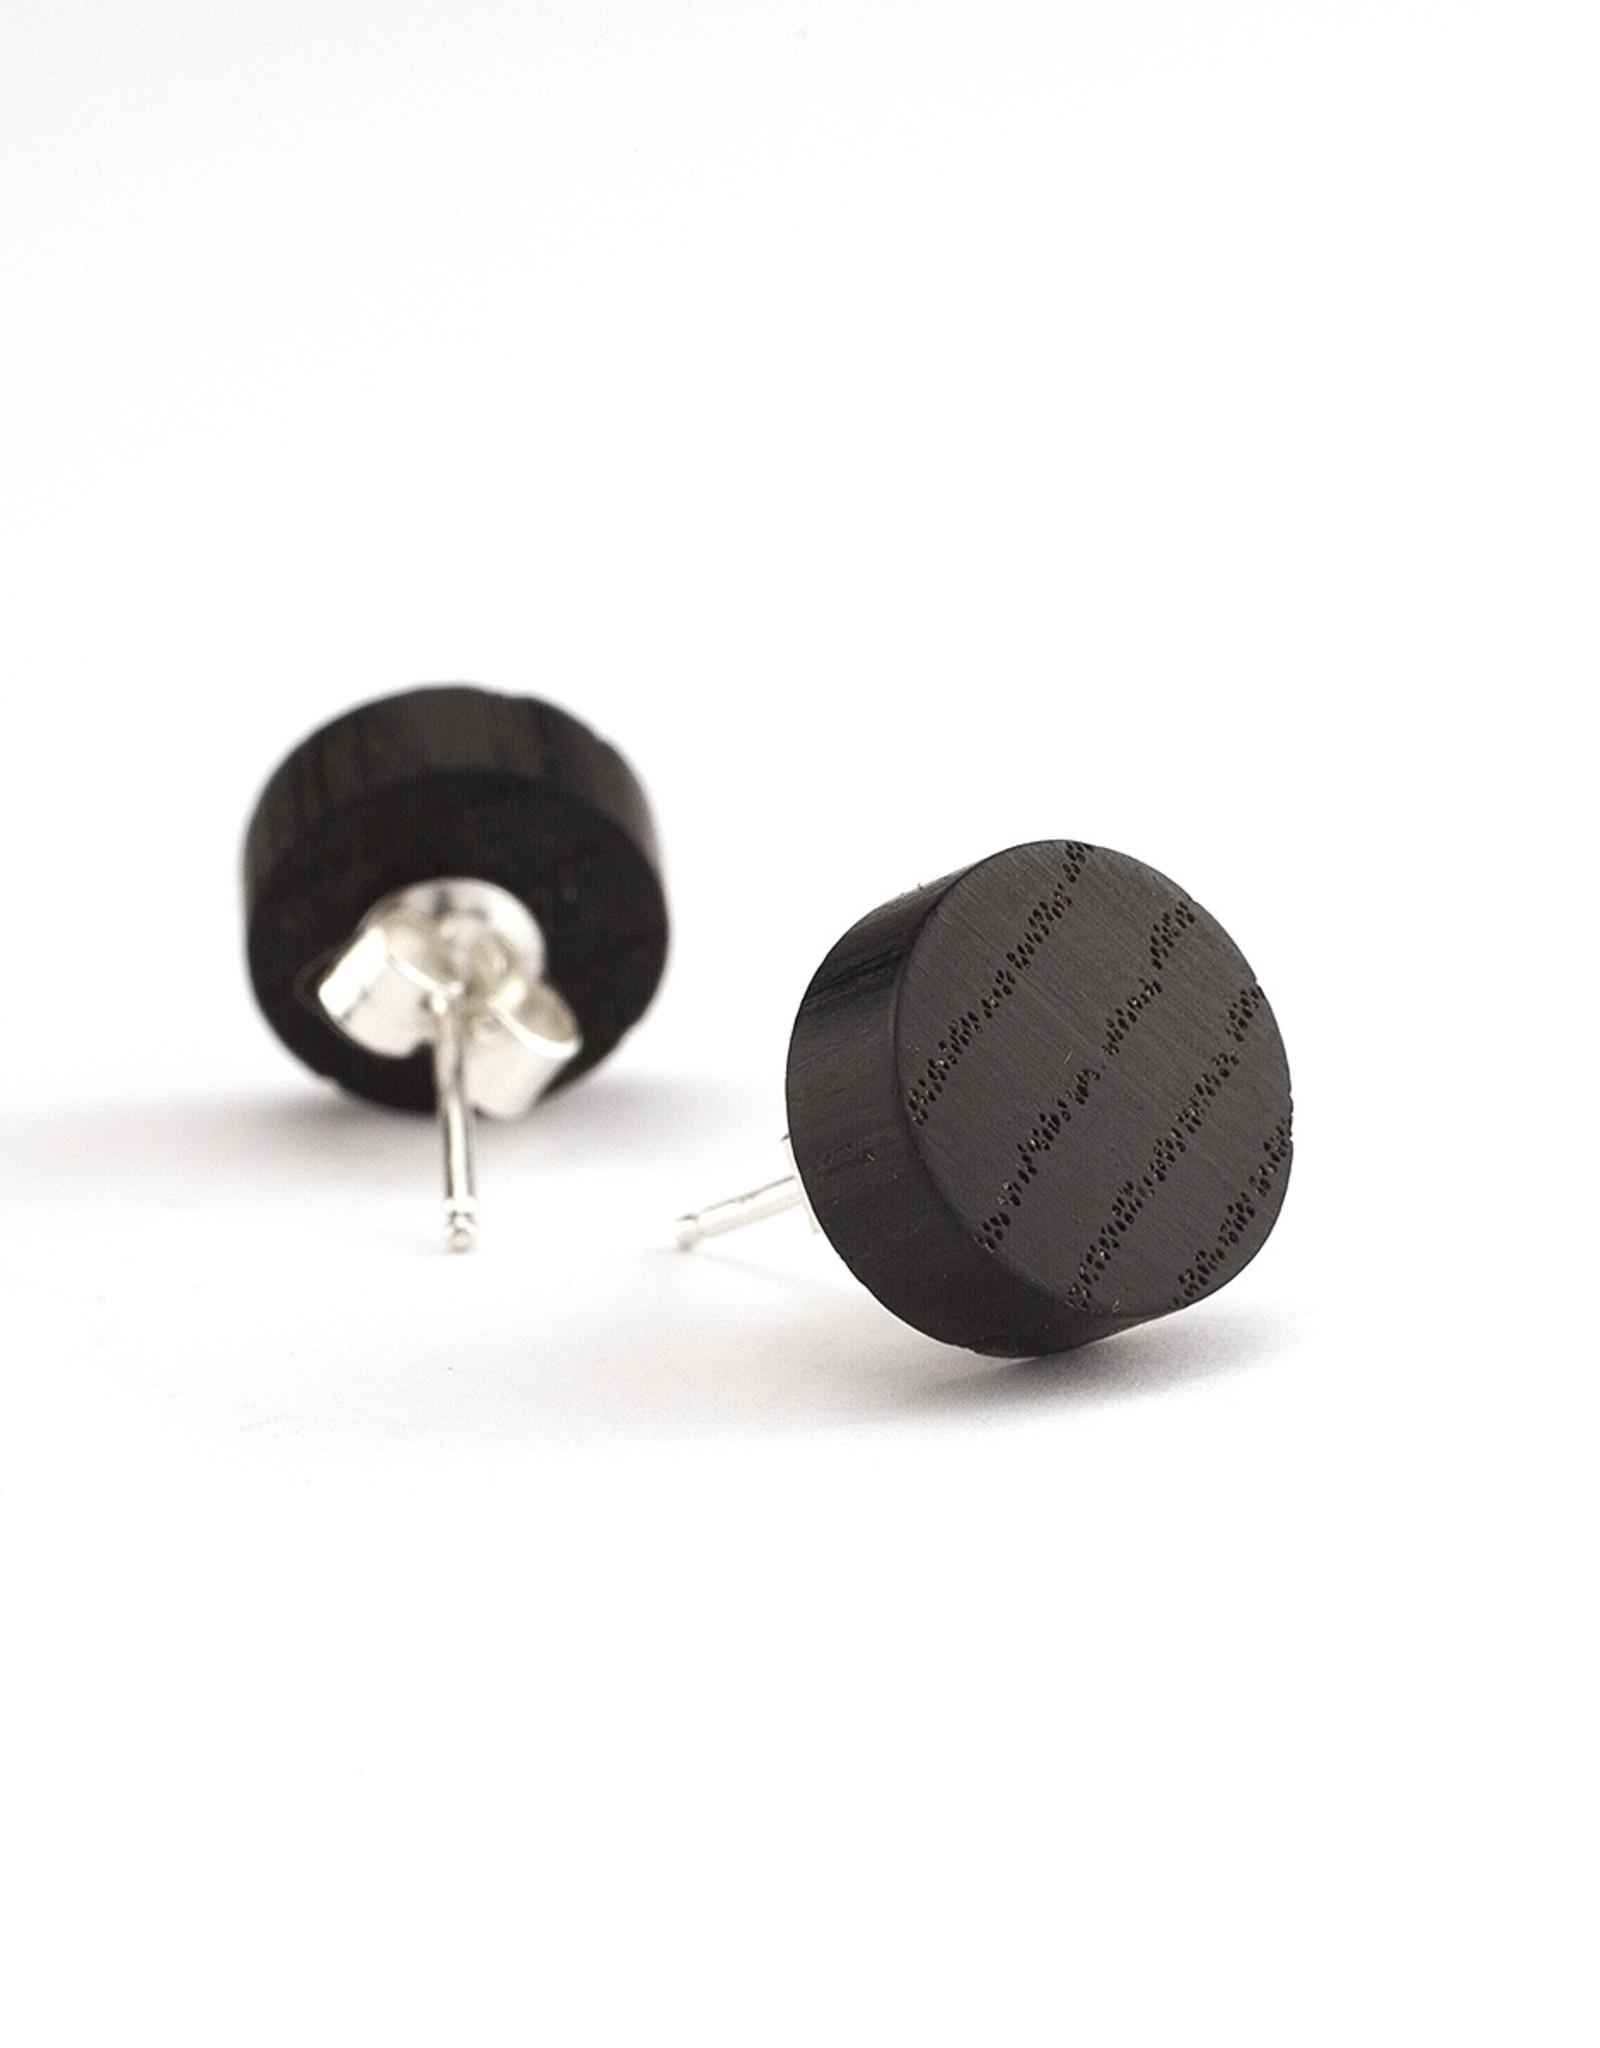 Leko & Leko Jewellery Leko & Leko - Hring Stud Earrings